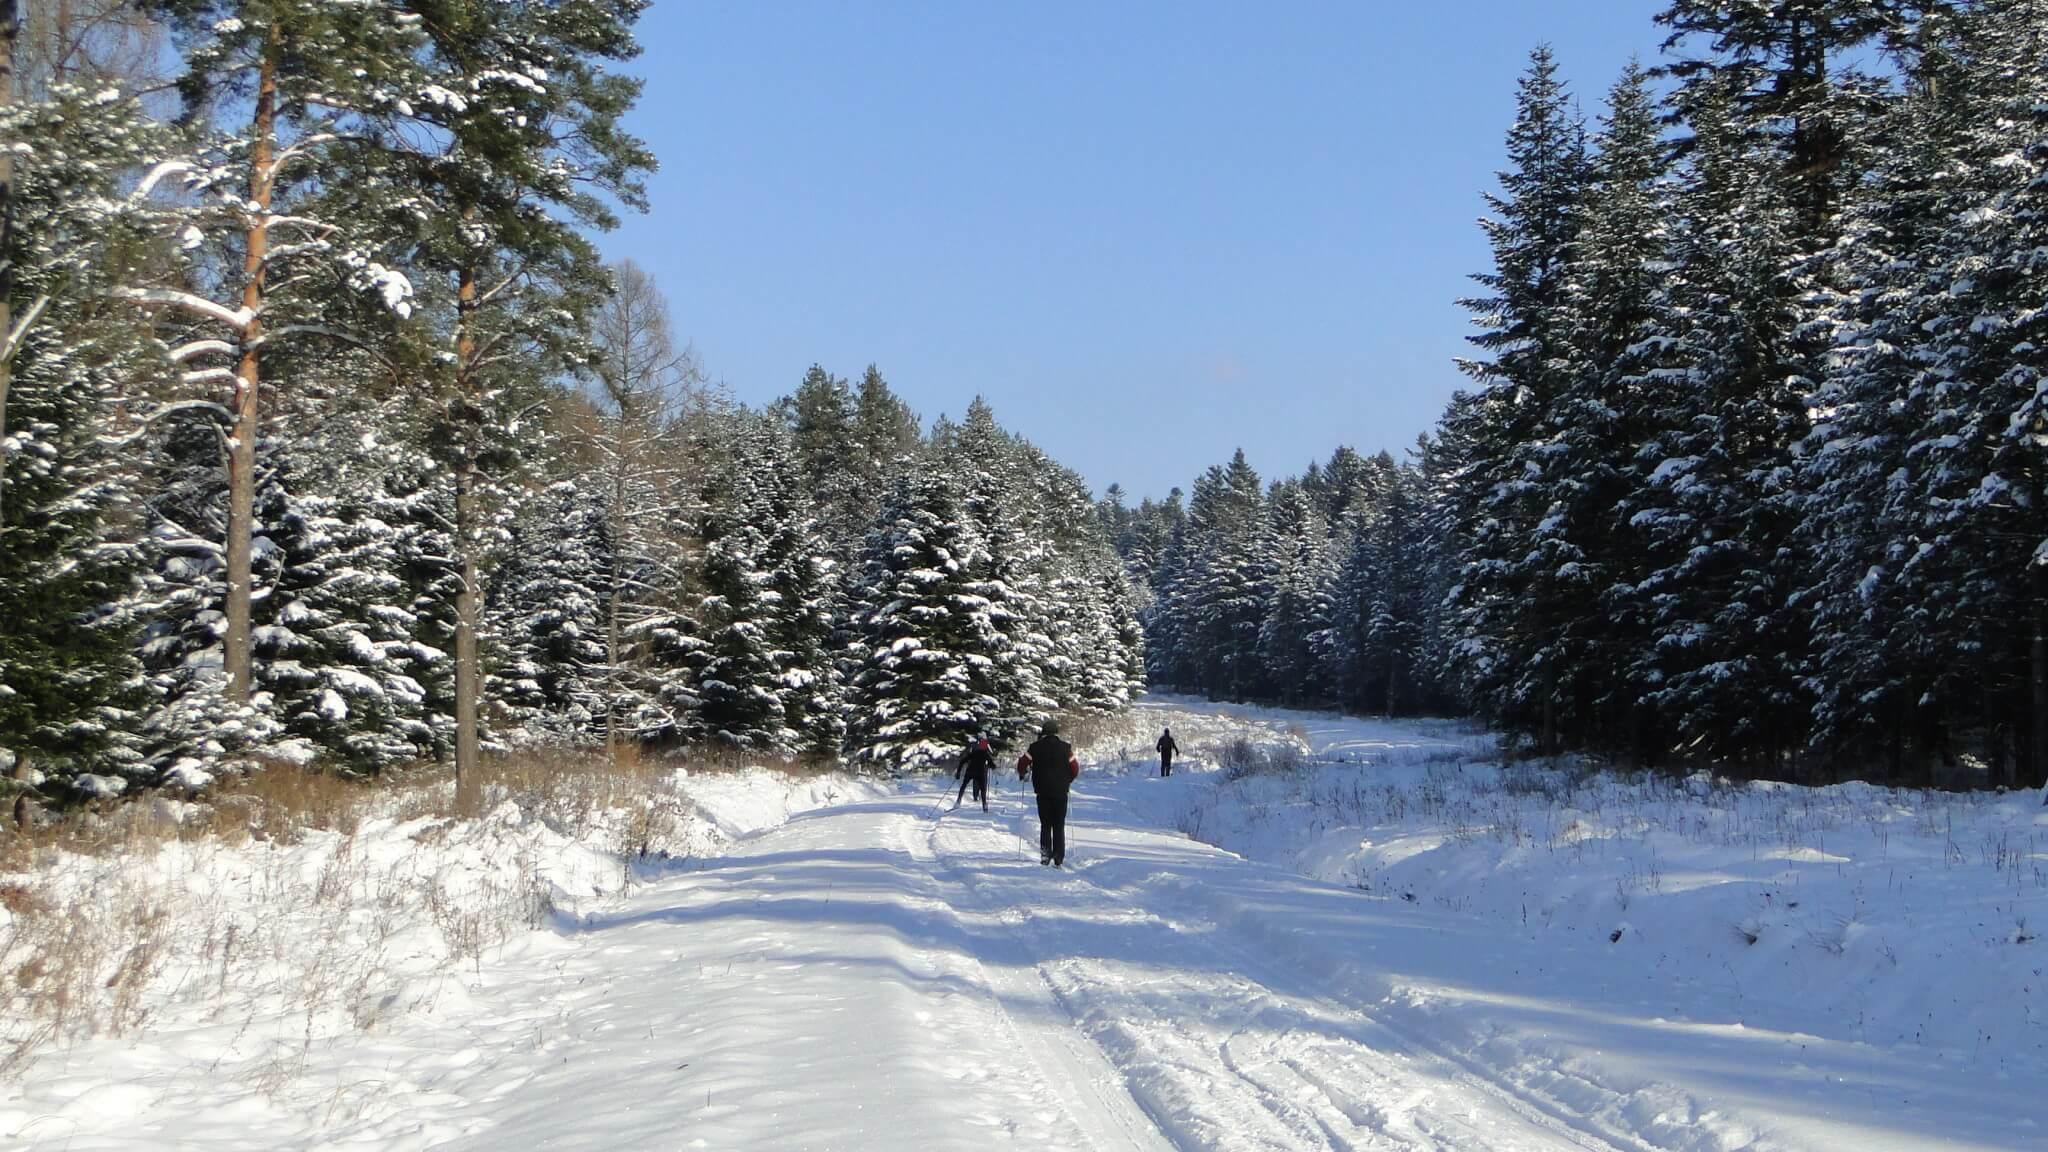 Na nartach doPolan Surowicznych! 1